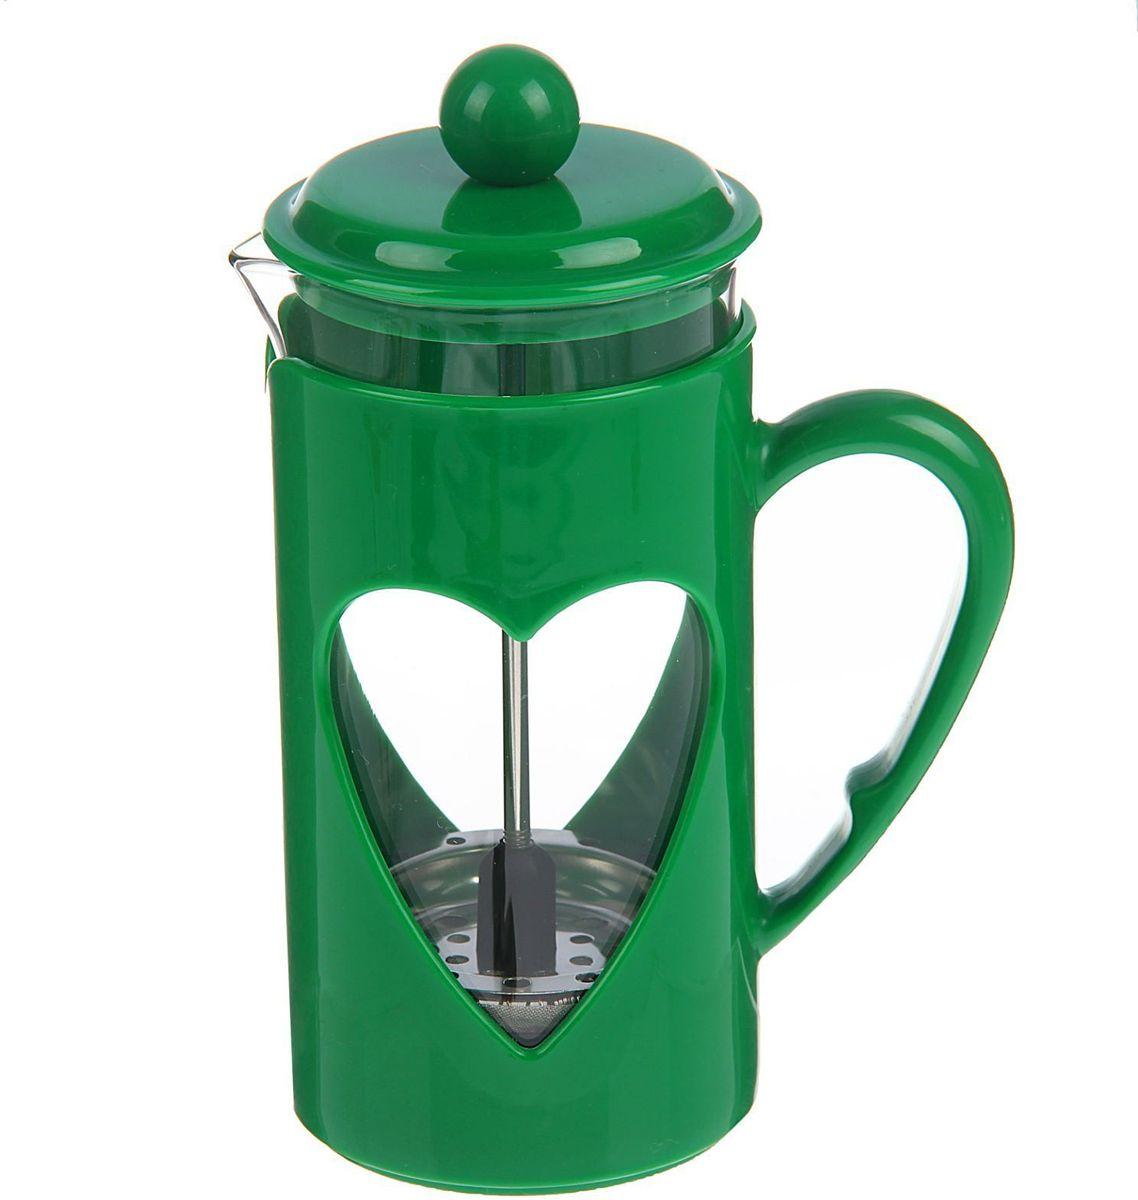 Френч-пресс Доляна Комплимент, цвет: зеленый, 350 мл115510Френч-пресс —приспособление для приготовления чая и кофе. Он пользуется огромным спросом у любителей этих напитков, ведь изделие довольно простое в использовании и имеет ряд других преимуществ:чай в нём быстрее заваривается;ёмкость позволяет наиболее полно раскрыться вкусовым качествам напитка;вы можете готовить кофе и чай с любимыми специями и травами.Как сделать вкусный кофе при помощи френч-пресса?Сначала вам нужно перемолоть зёрна. Степень помола — грубая.Вскипятите воду.Насыпьте кофе в изделие и медленно залейте его кипятком из чайника.Сначала наполните приспособление до середины, подождите 1 минуту и долейте остальное. Накройте крышкой, пусть напиток настоится ещё 3 минуты.Медленно опустите поршень.Оставьте кофе на 3 минуты, чтобы опустился осадок. Ваш напиток готов!